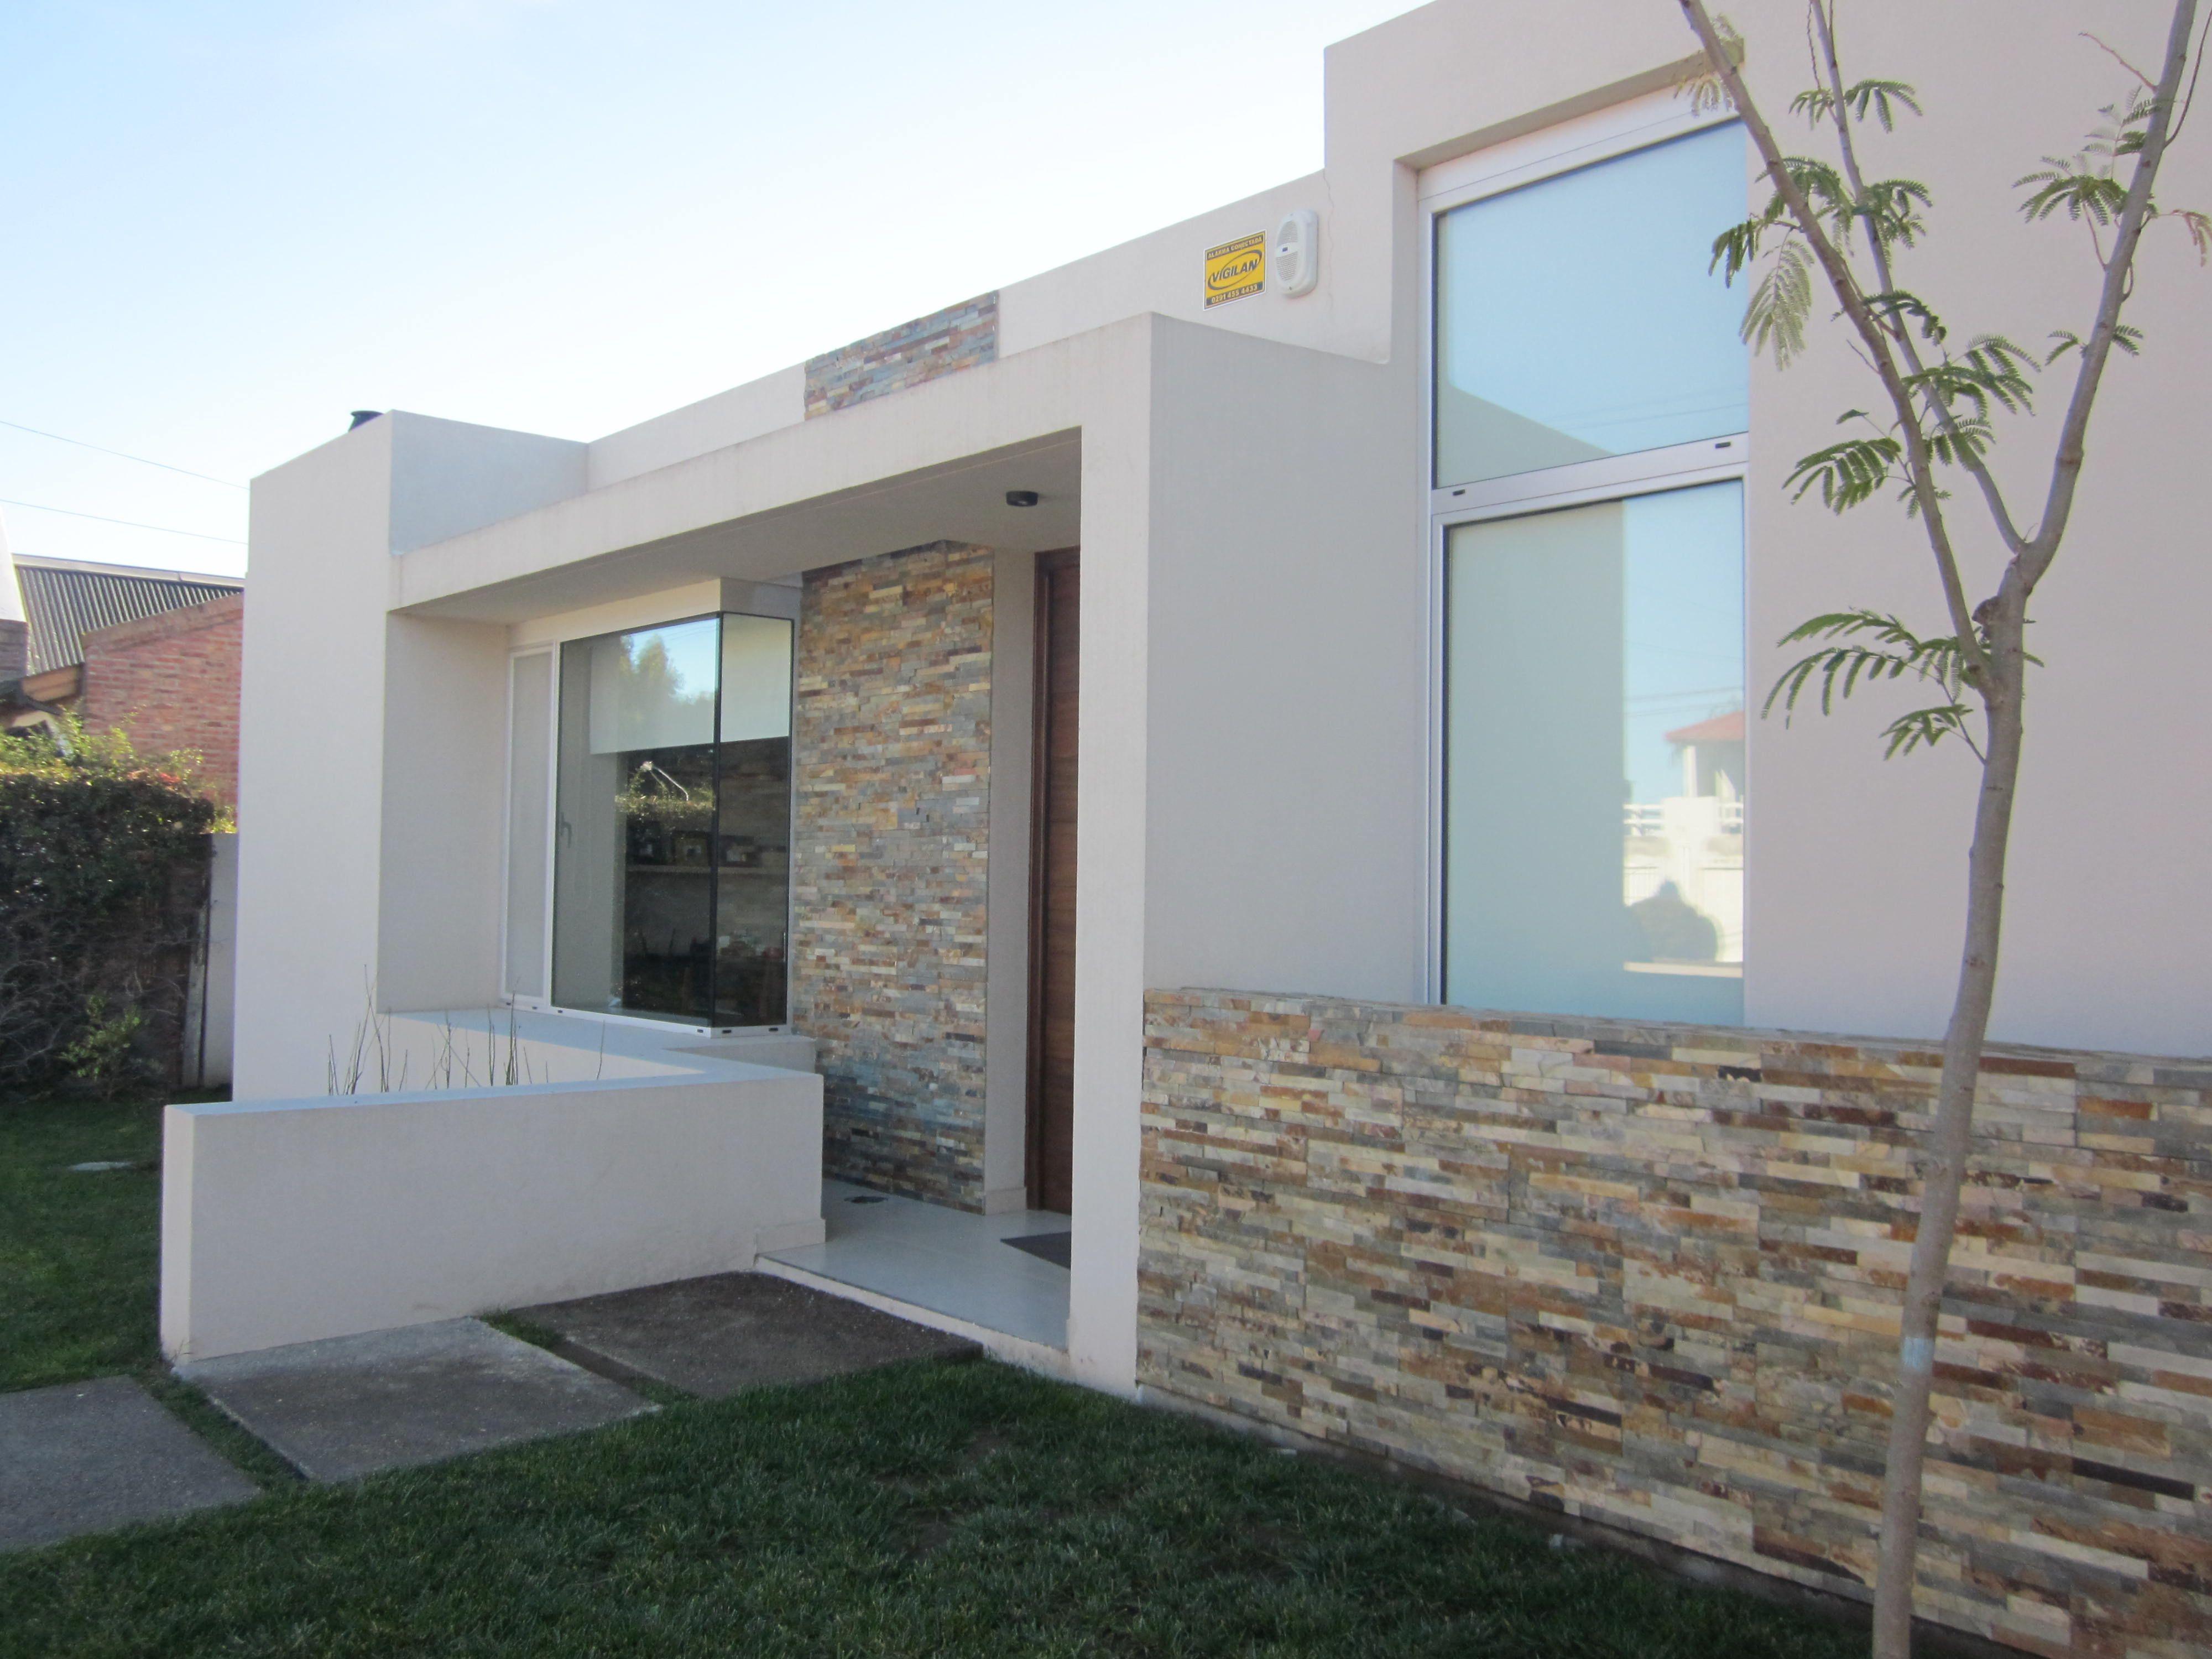 Fachada Fachadas De Casas Modernas Planos De Casas Pequenas Entradas De Casas